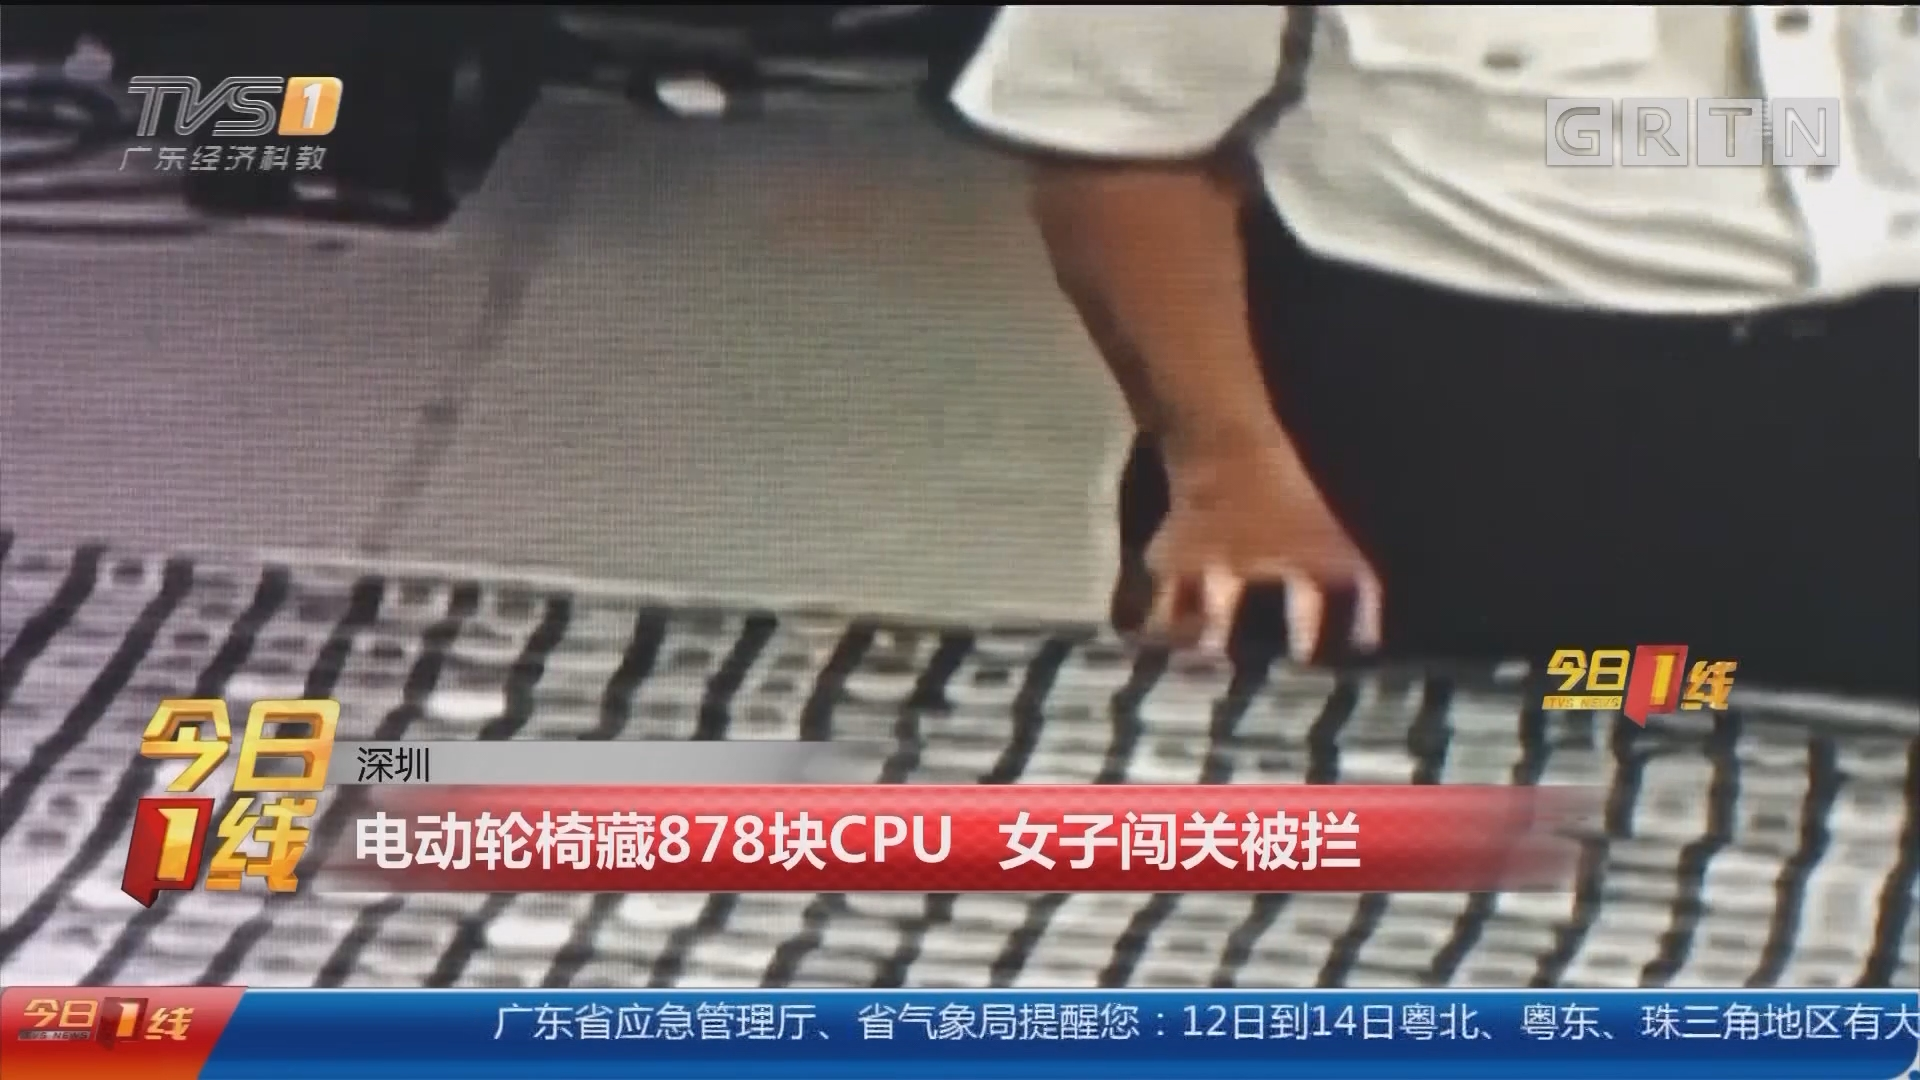 深圳:电动轮椅藏878块CPU 女子闯关被拦